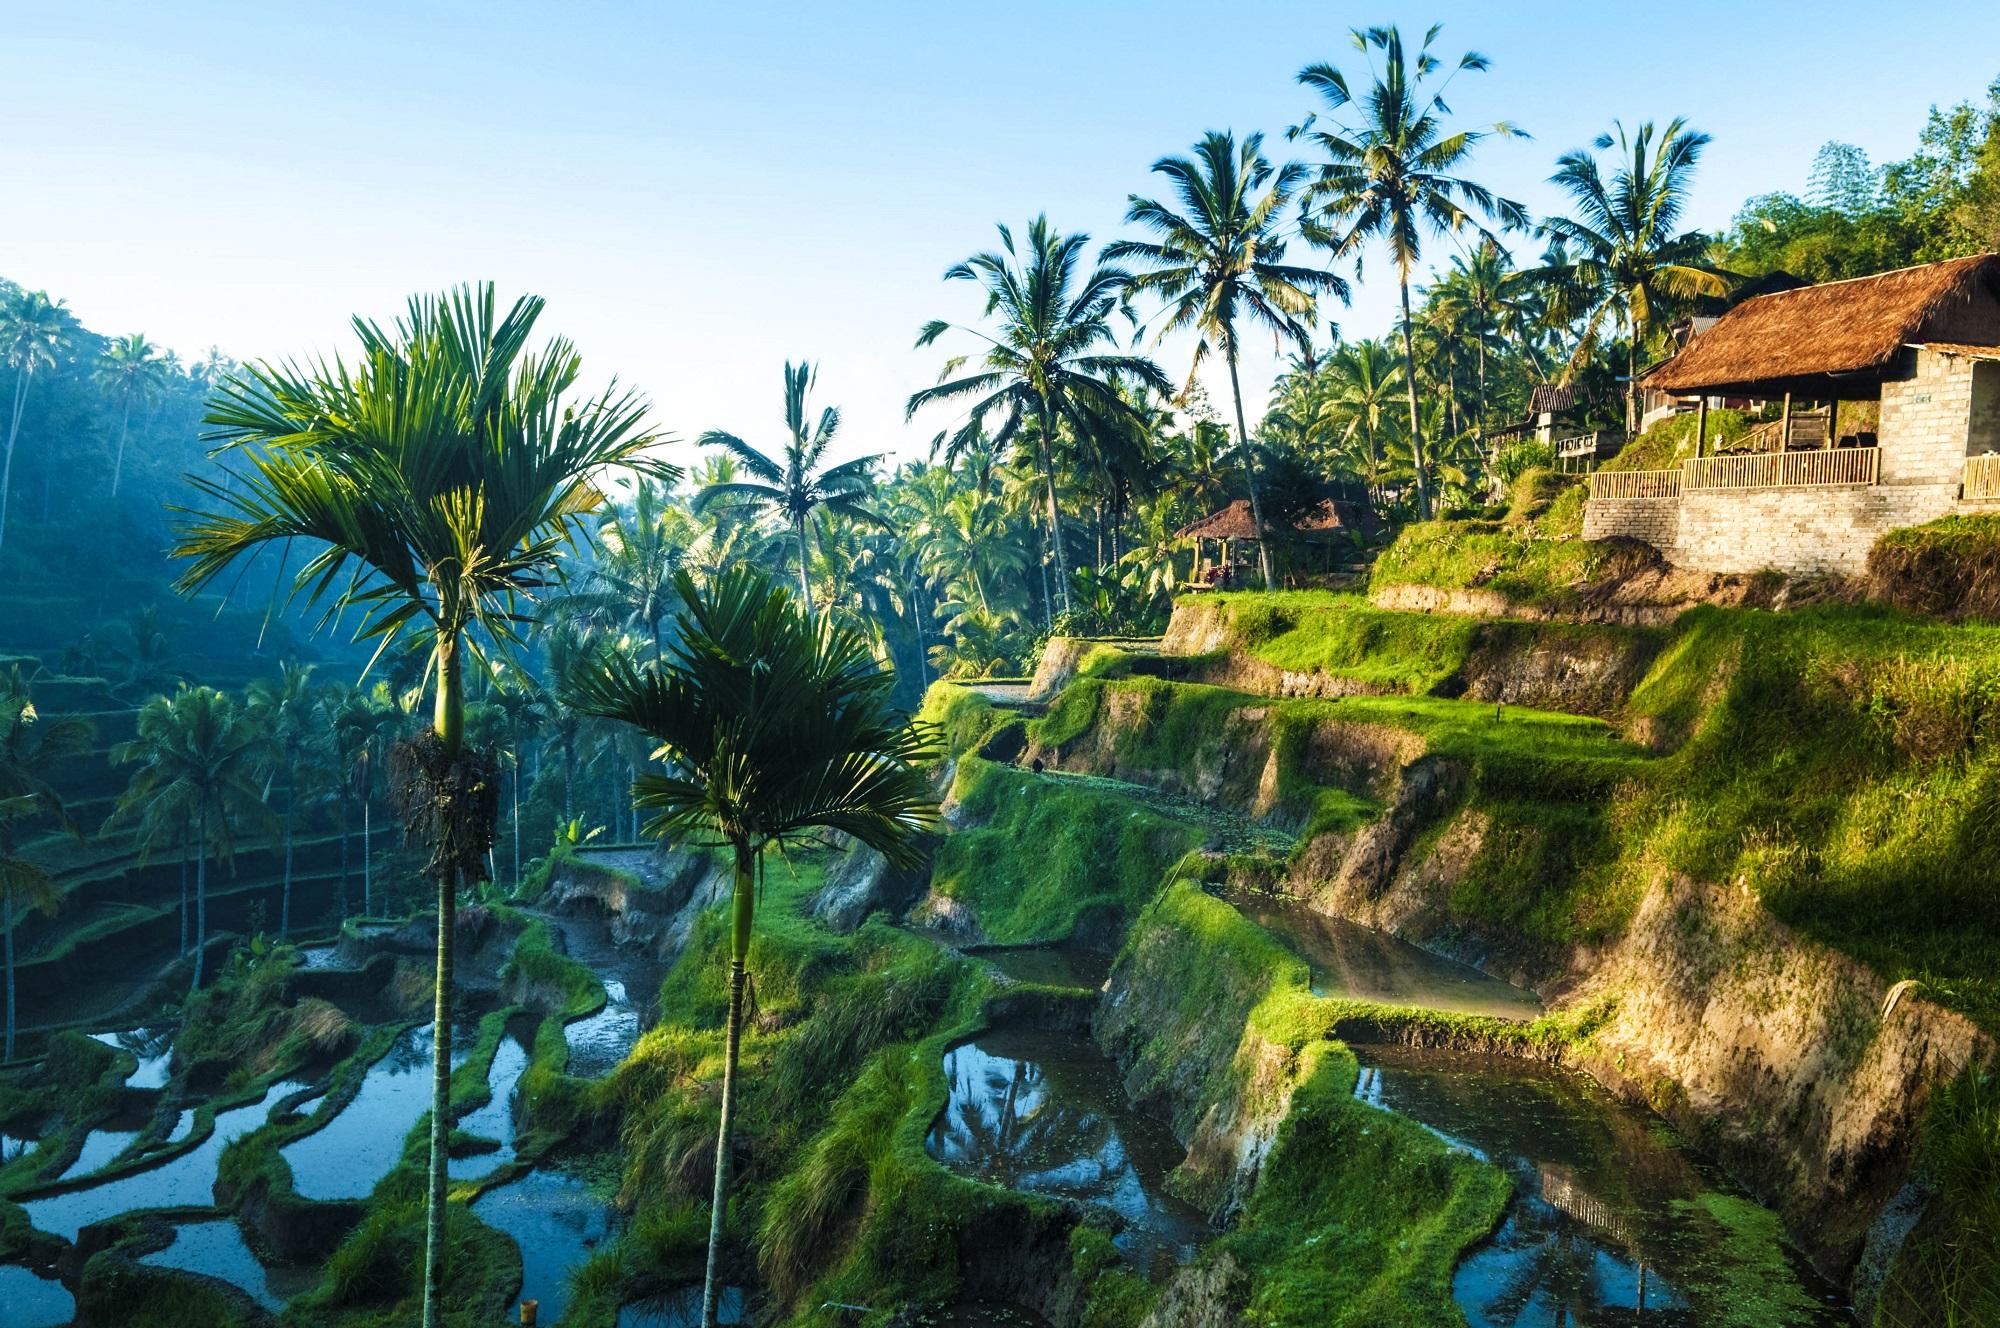 Bali tipps alle artikel auf einen blick for Countries to go on vacation